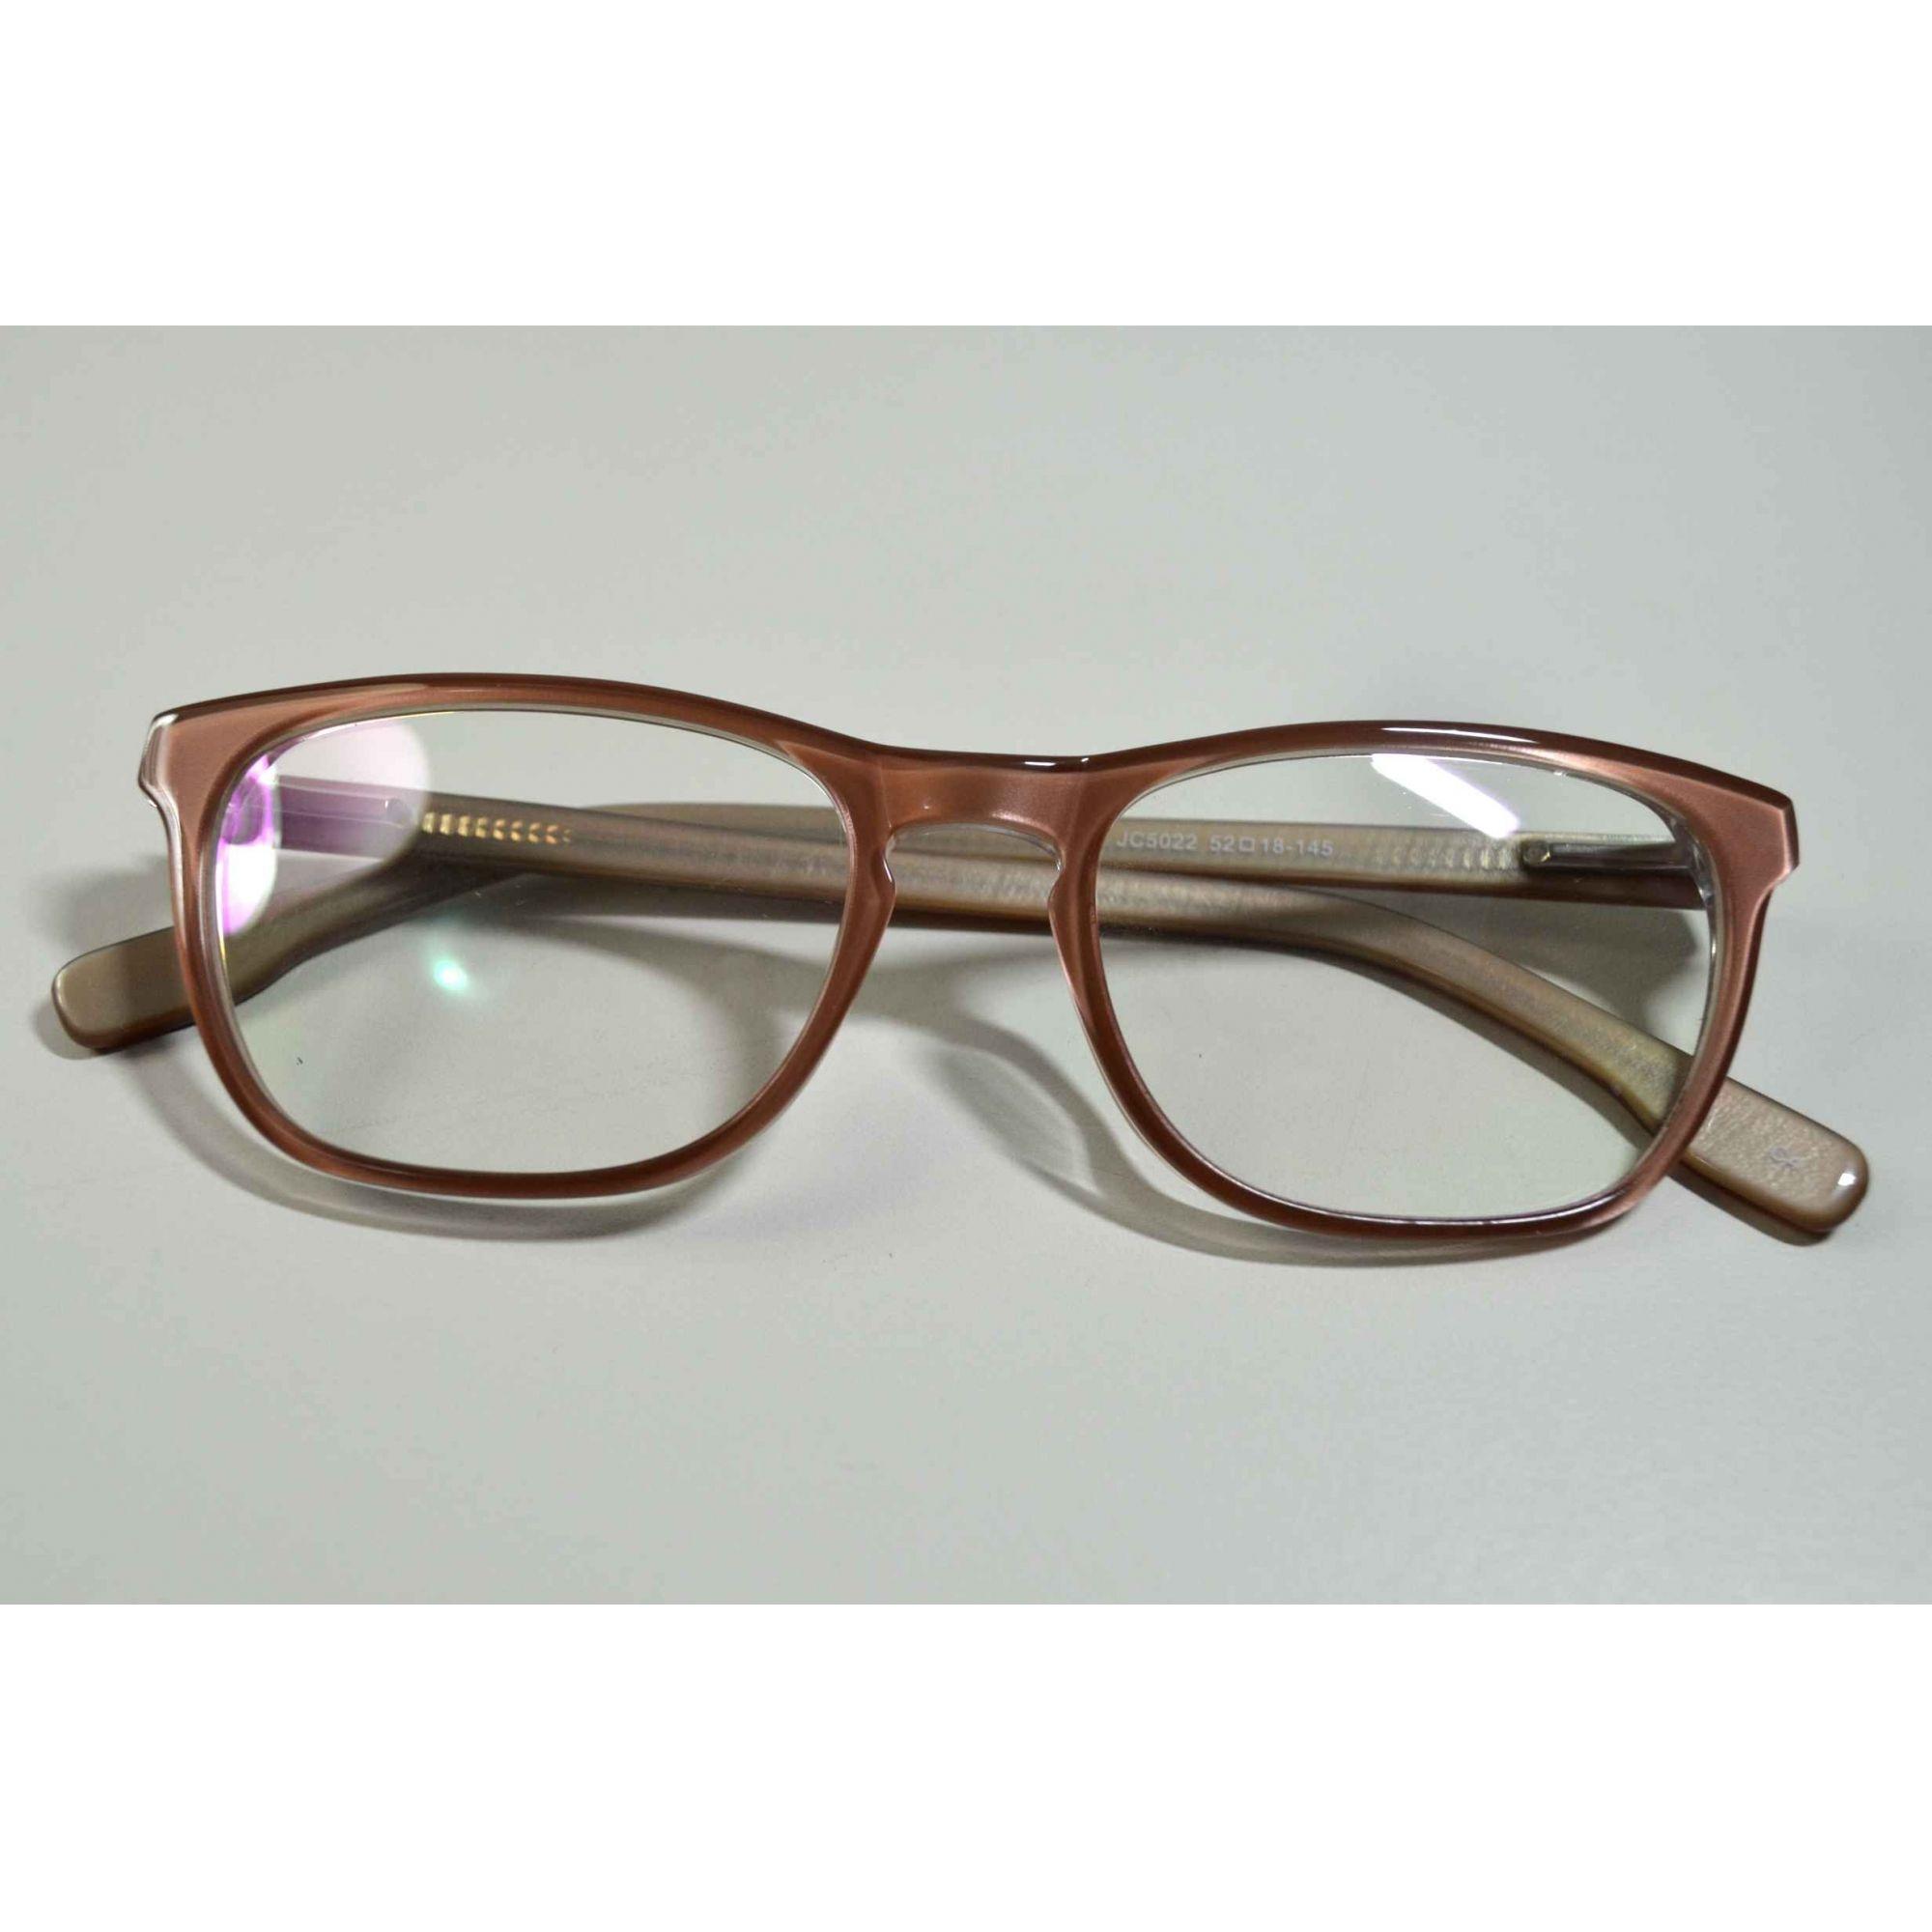 8da6365e3 ... Armação Óculos Grau Feminino Retangular Qualidade Nude